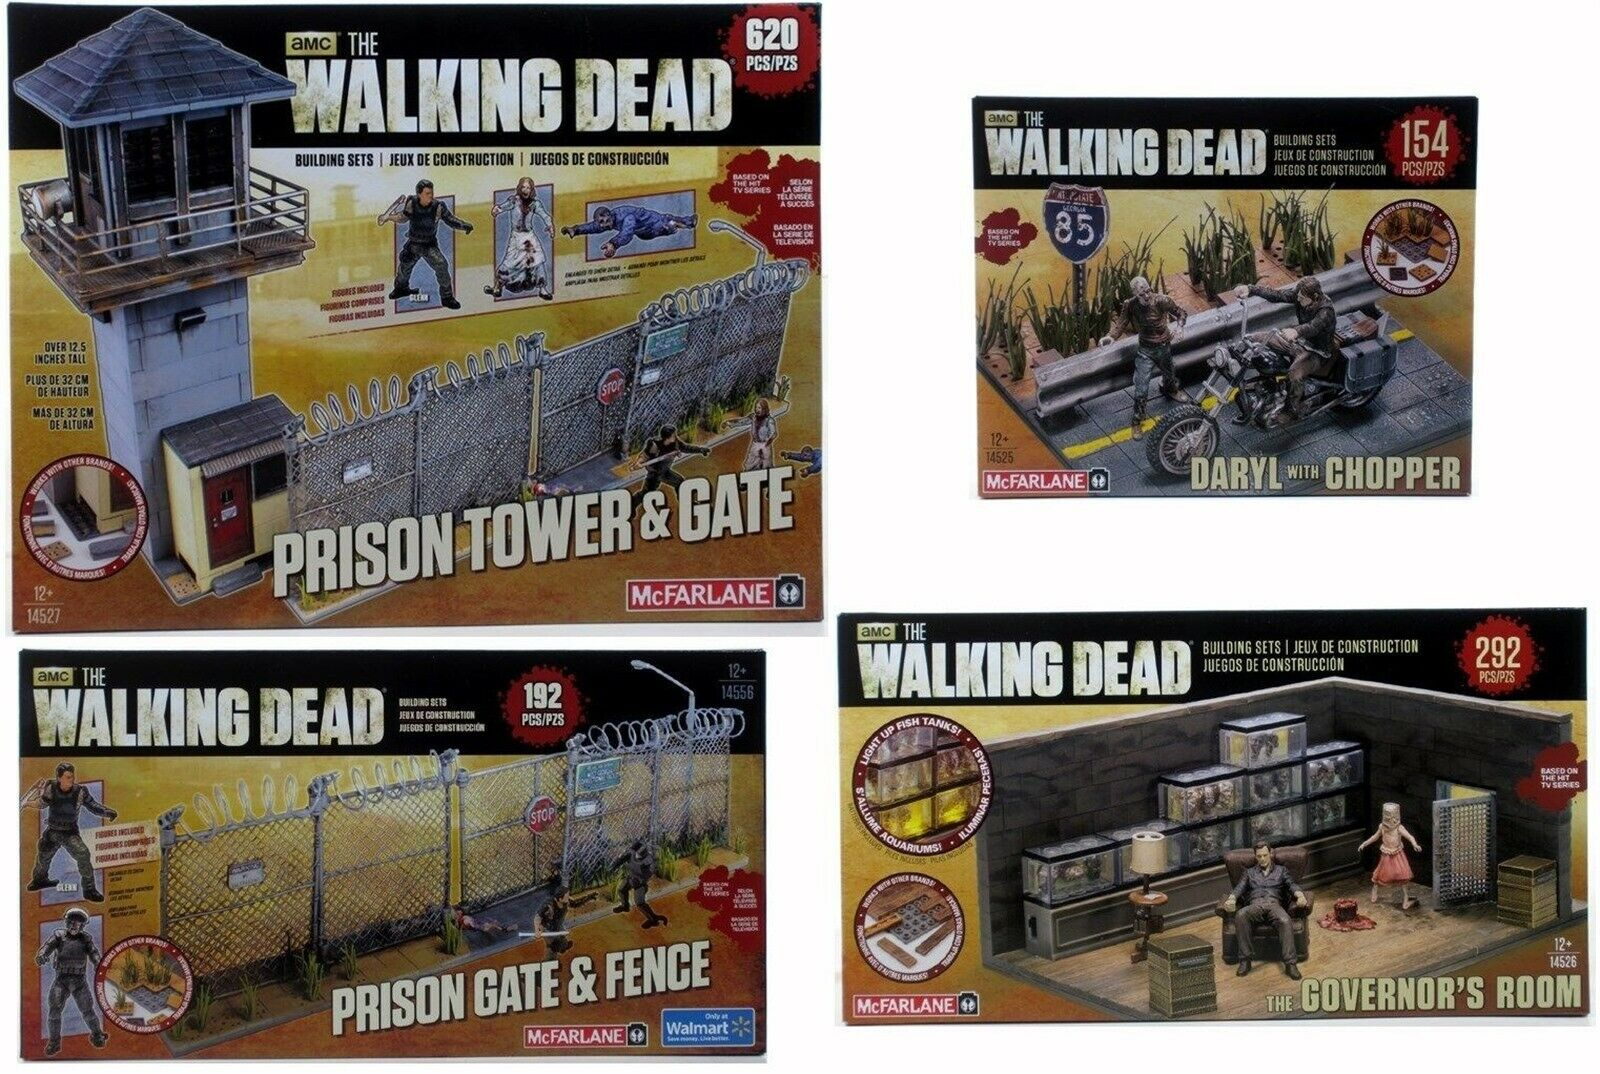 Mcfarlane Walking Dead Lote de 4 conjuntos de construcción prisión TORRE Puerta Gov habitación Darryl